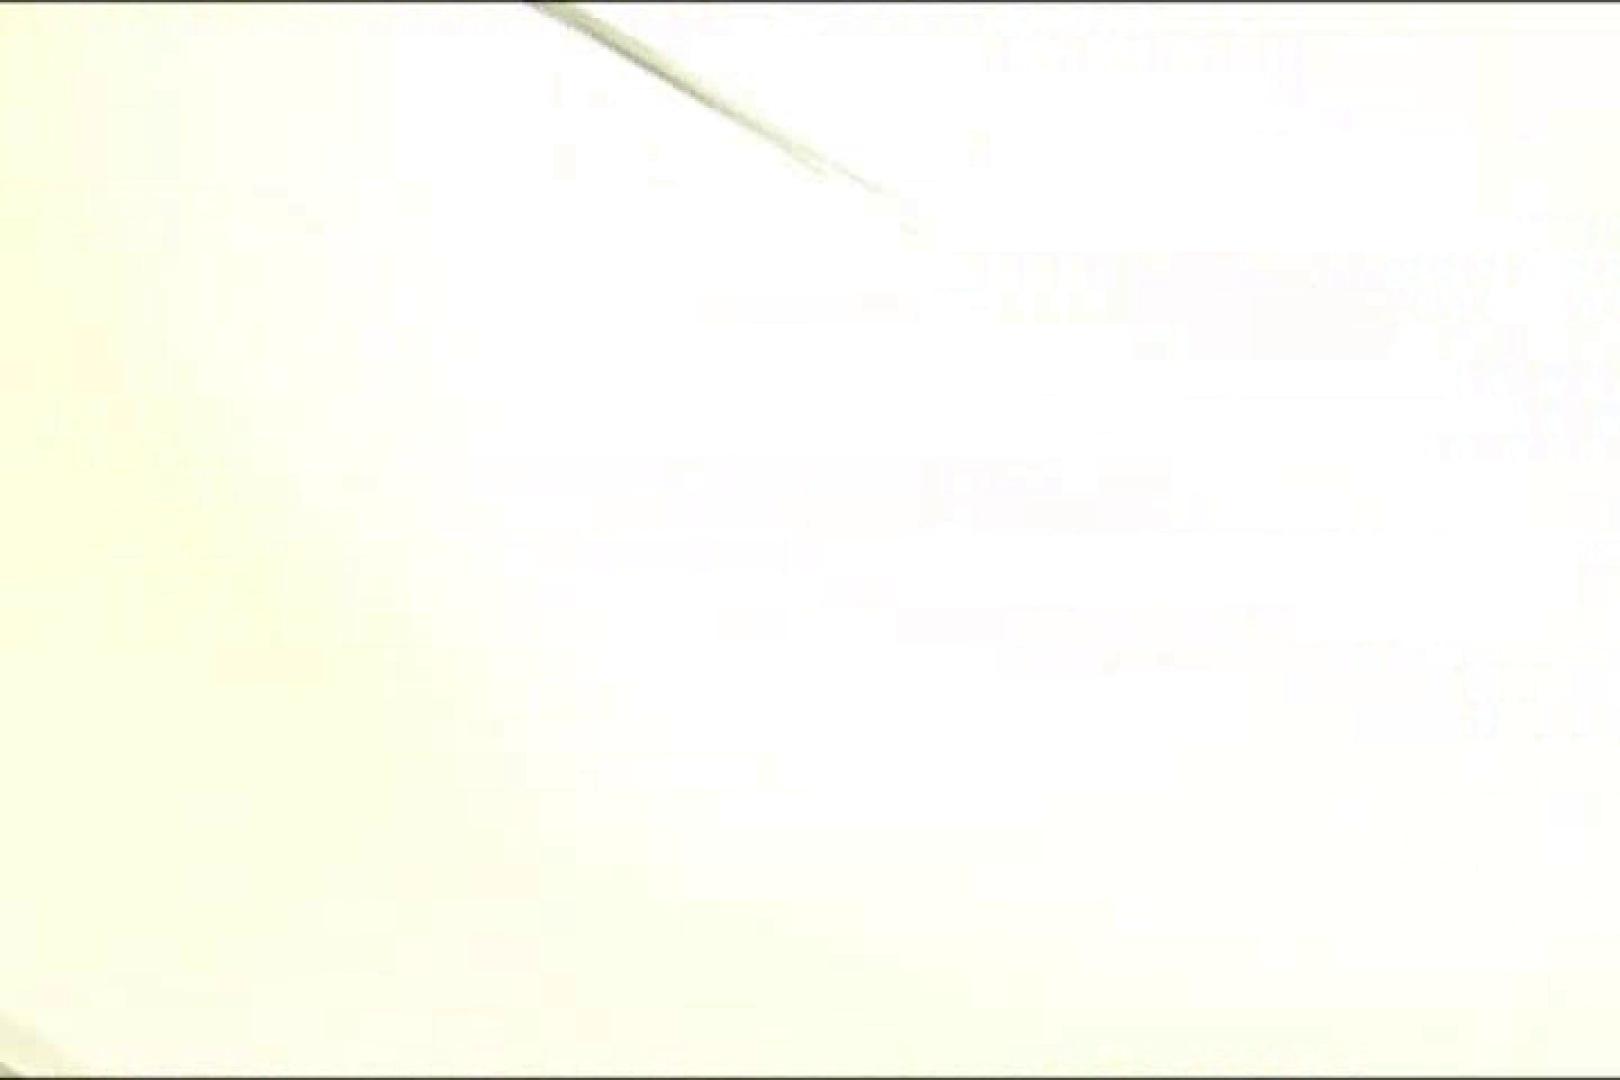 マンコ丸見え女子洗面所Vol.6 洗面所はめどり ワレメ動画紹介 107画像 63